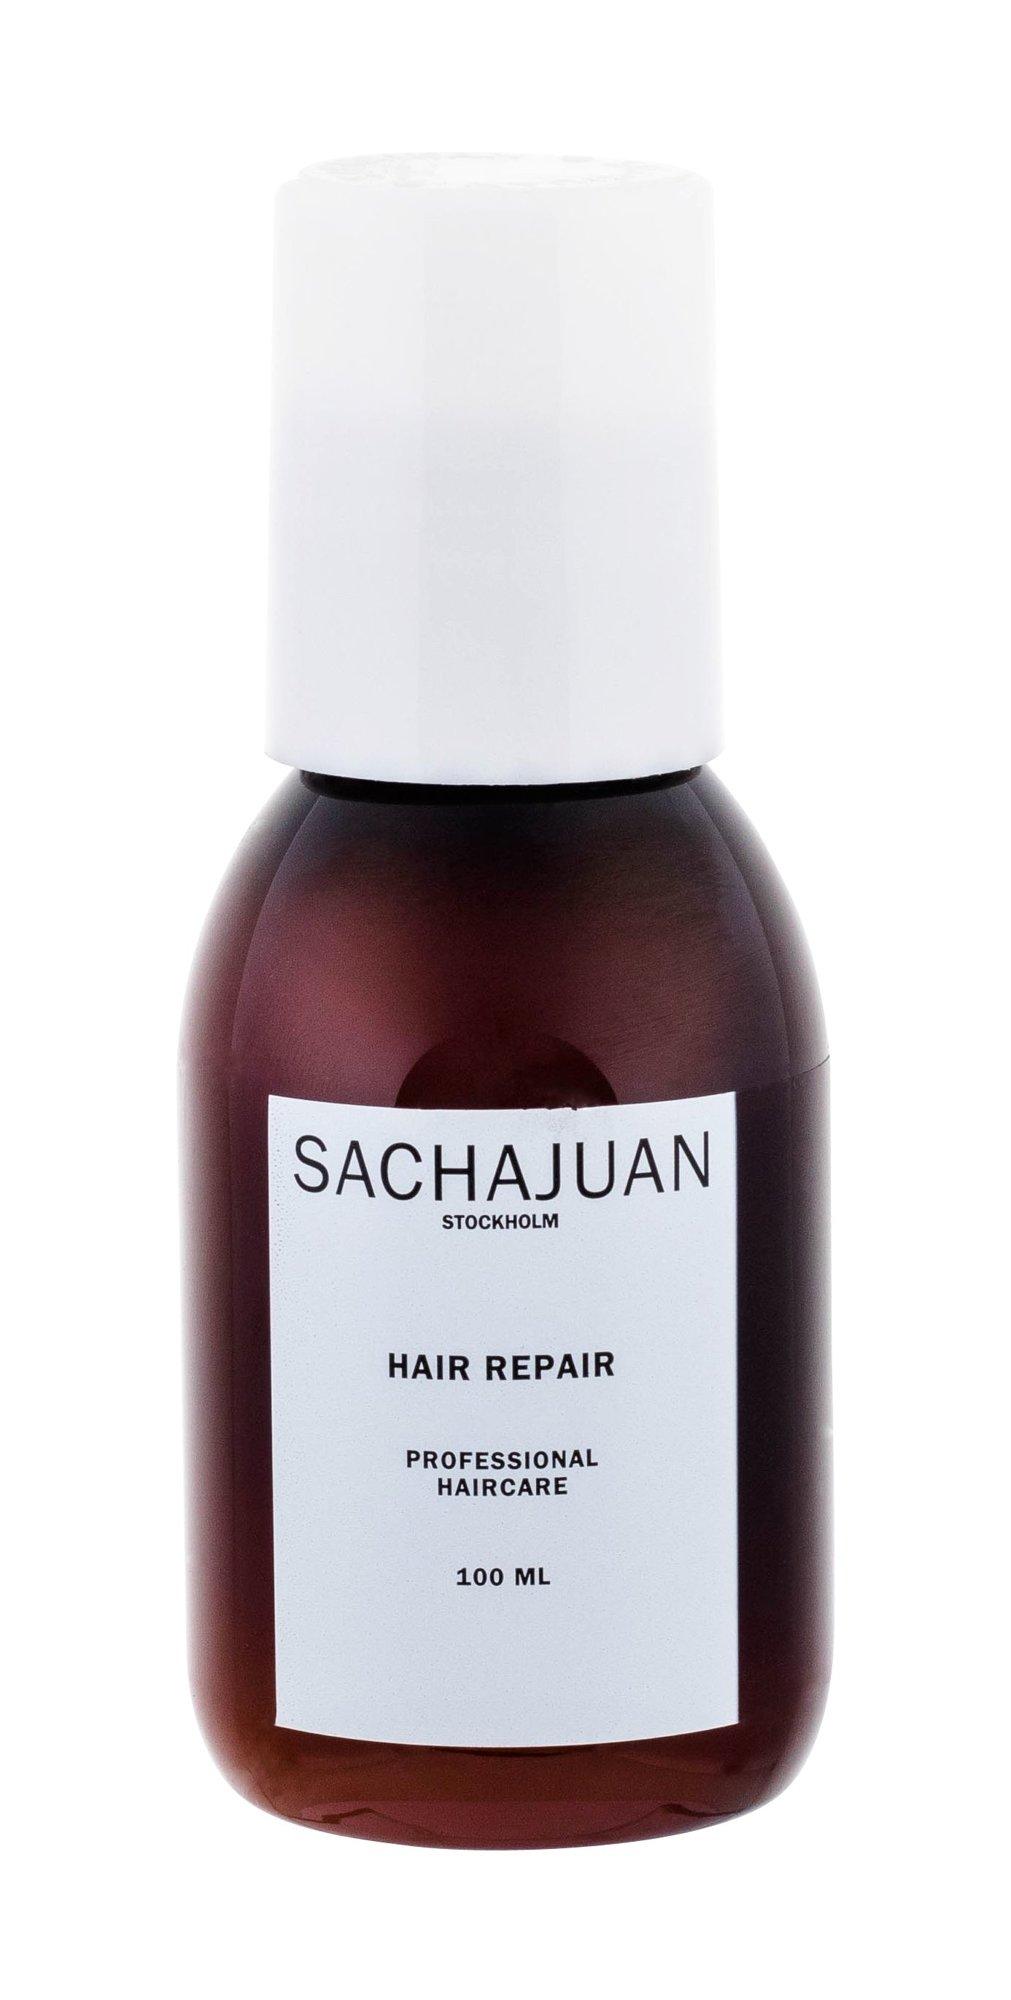 Sachajuan Treatment Hair Oils and Serum 100ml